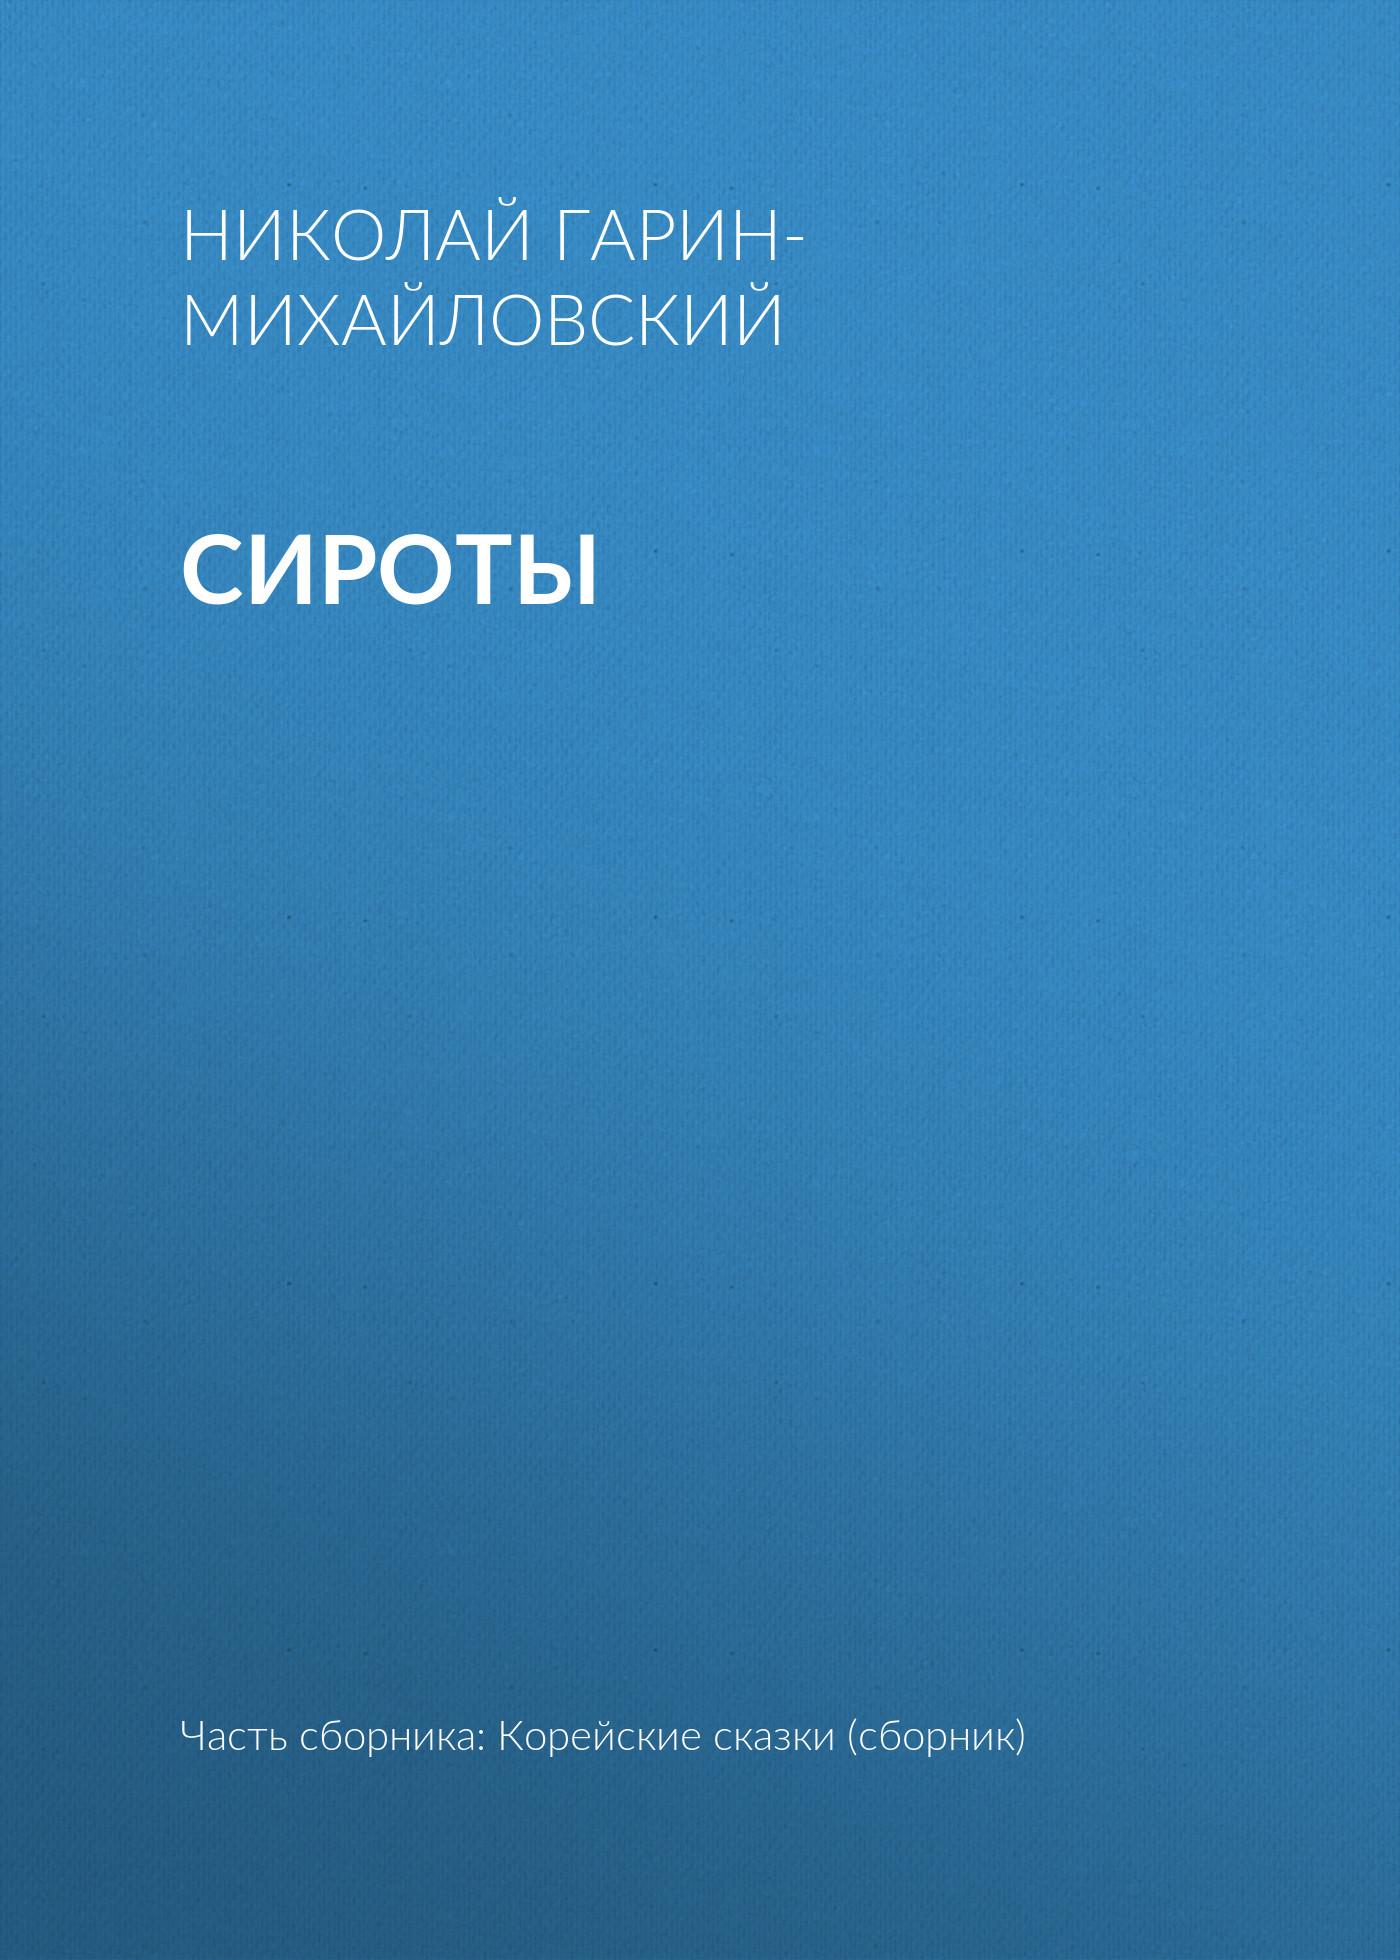 Николай Гарин-Михайловский Сироты